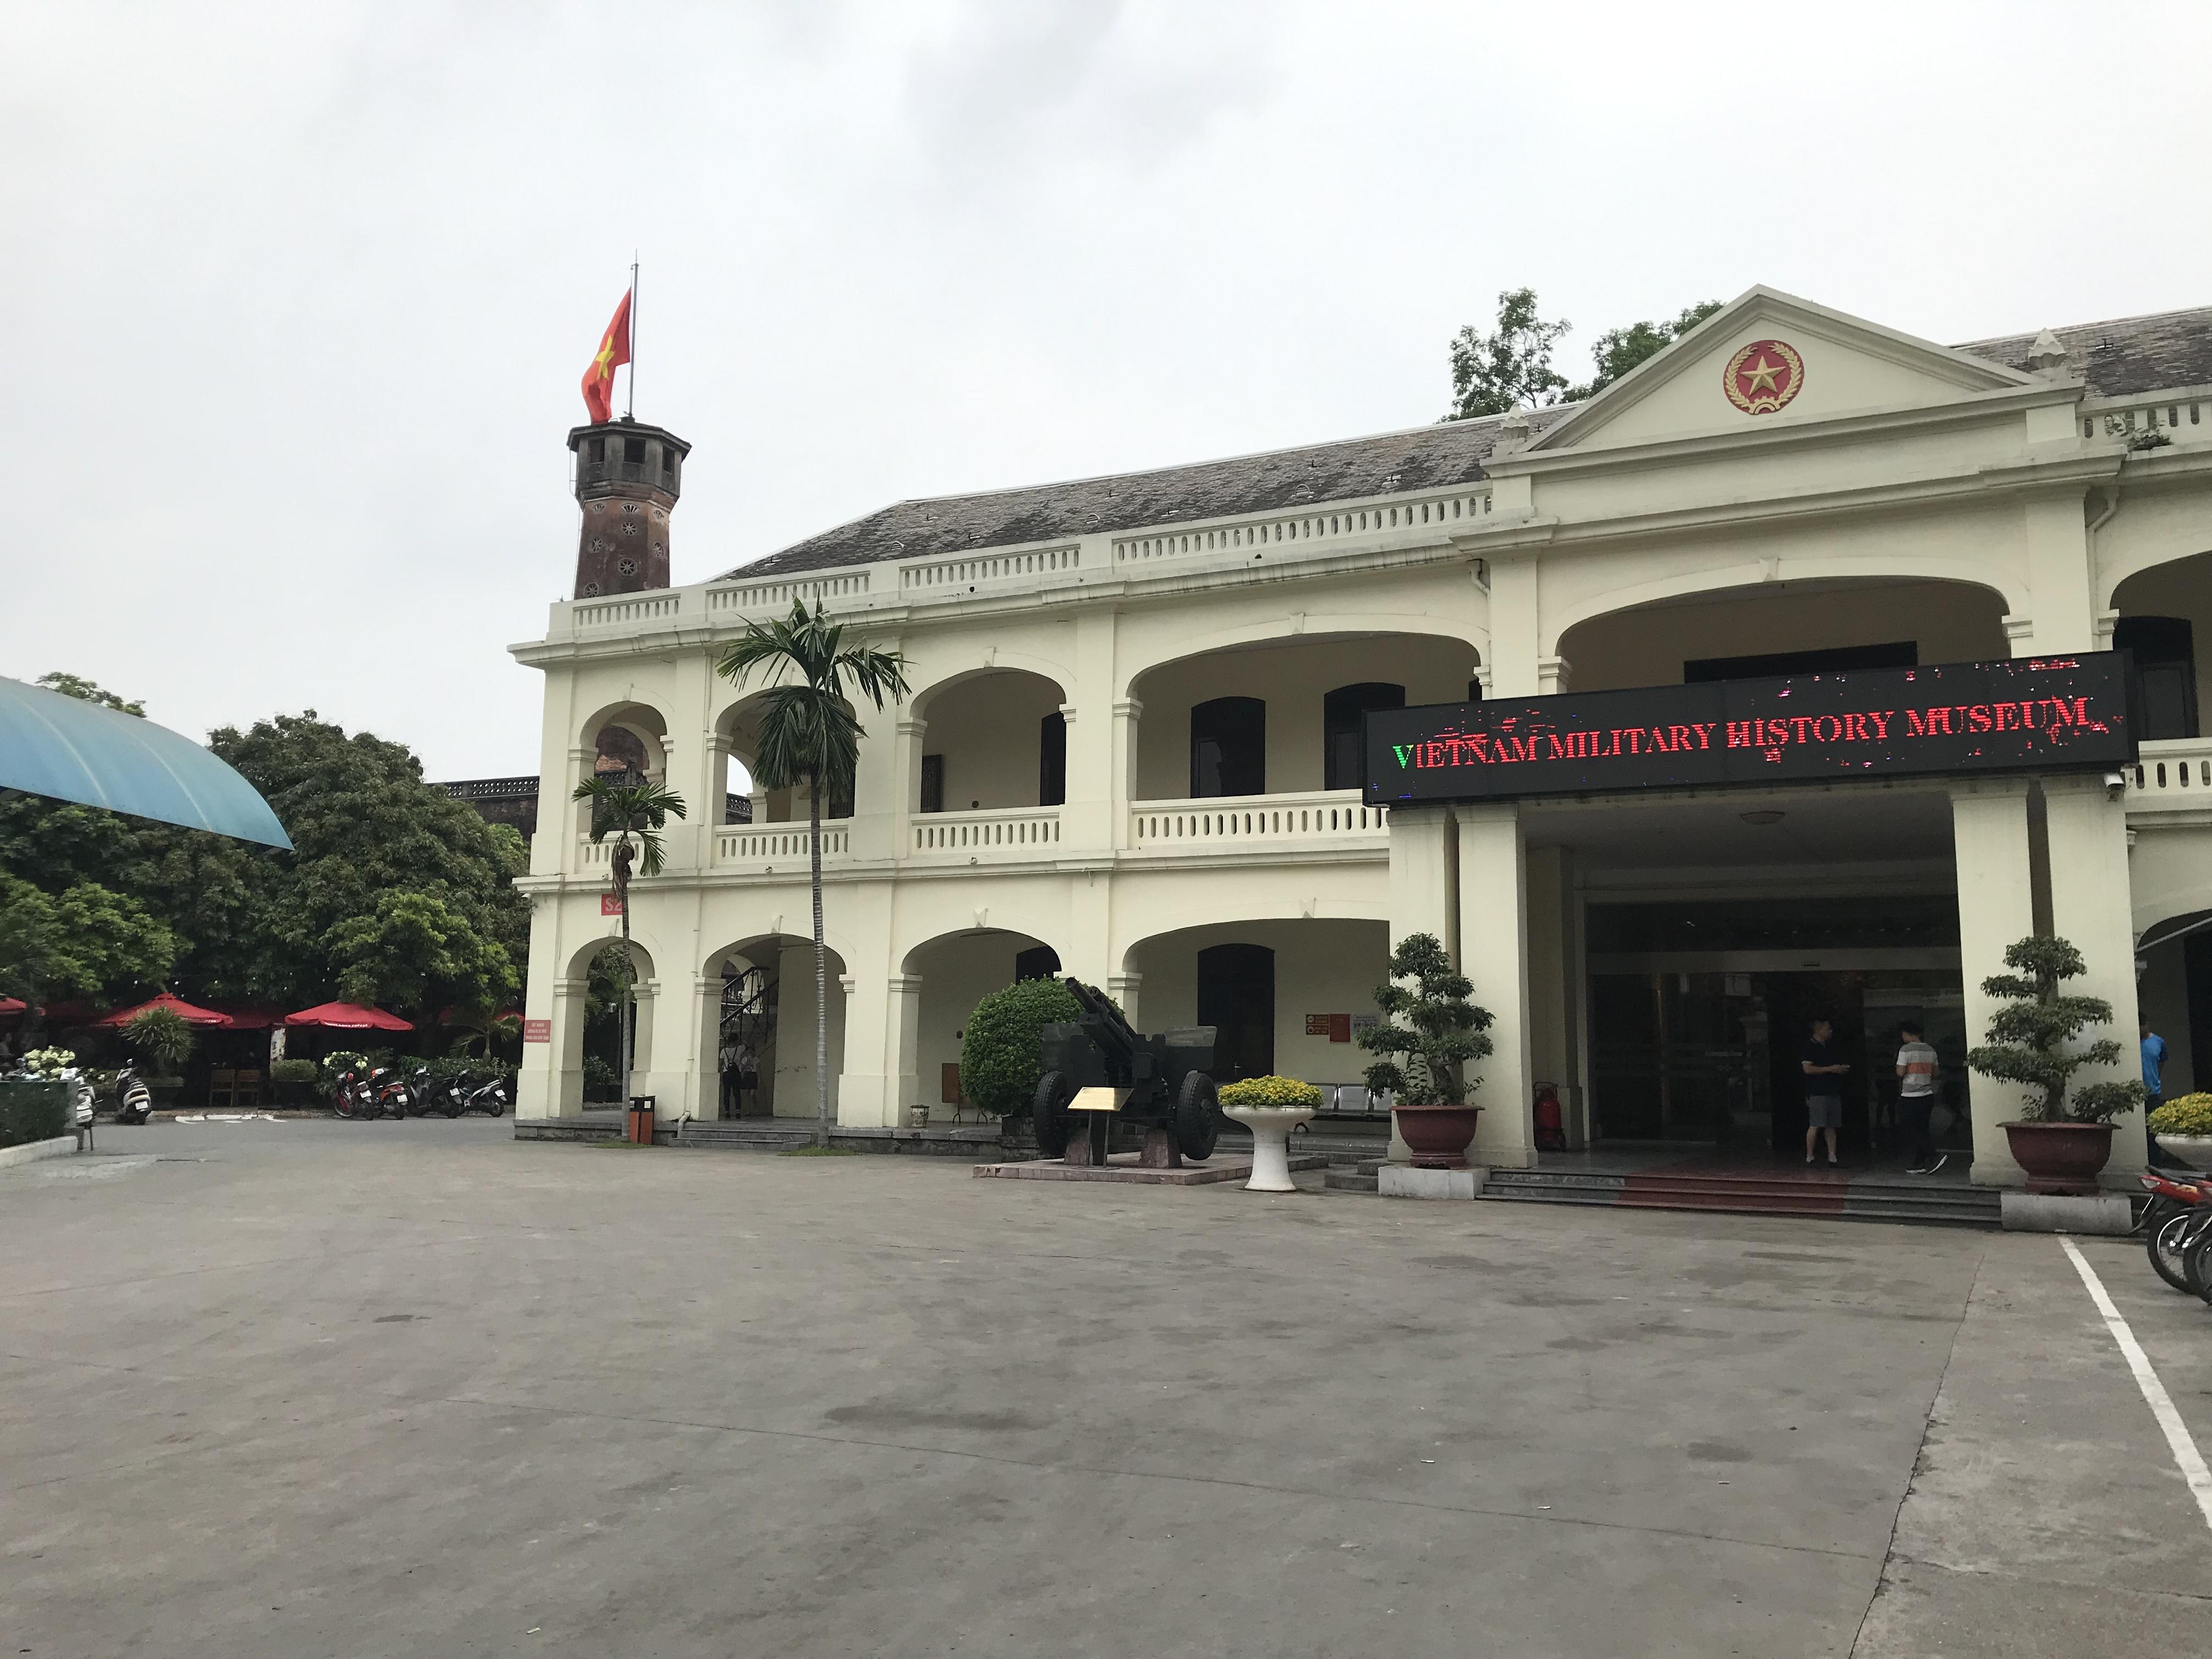 ベトナム・戦争証跡博物館と軍事歴史博物館の大きな違い 〜どちらがおすすめか〜